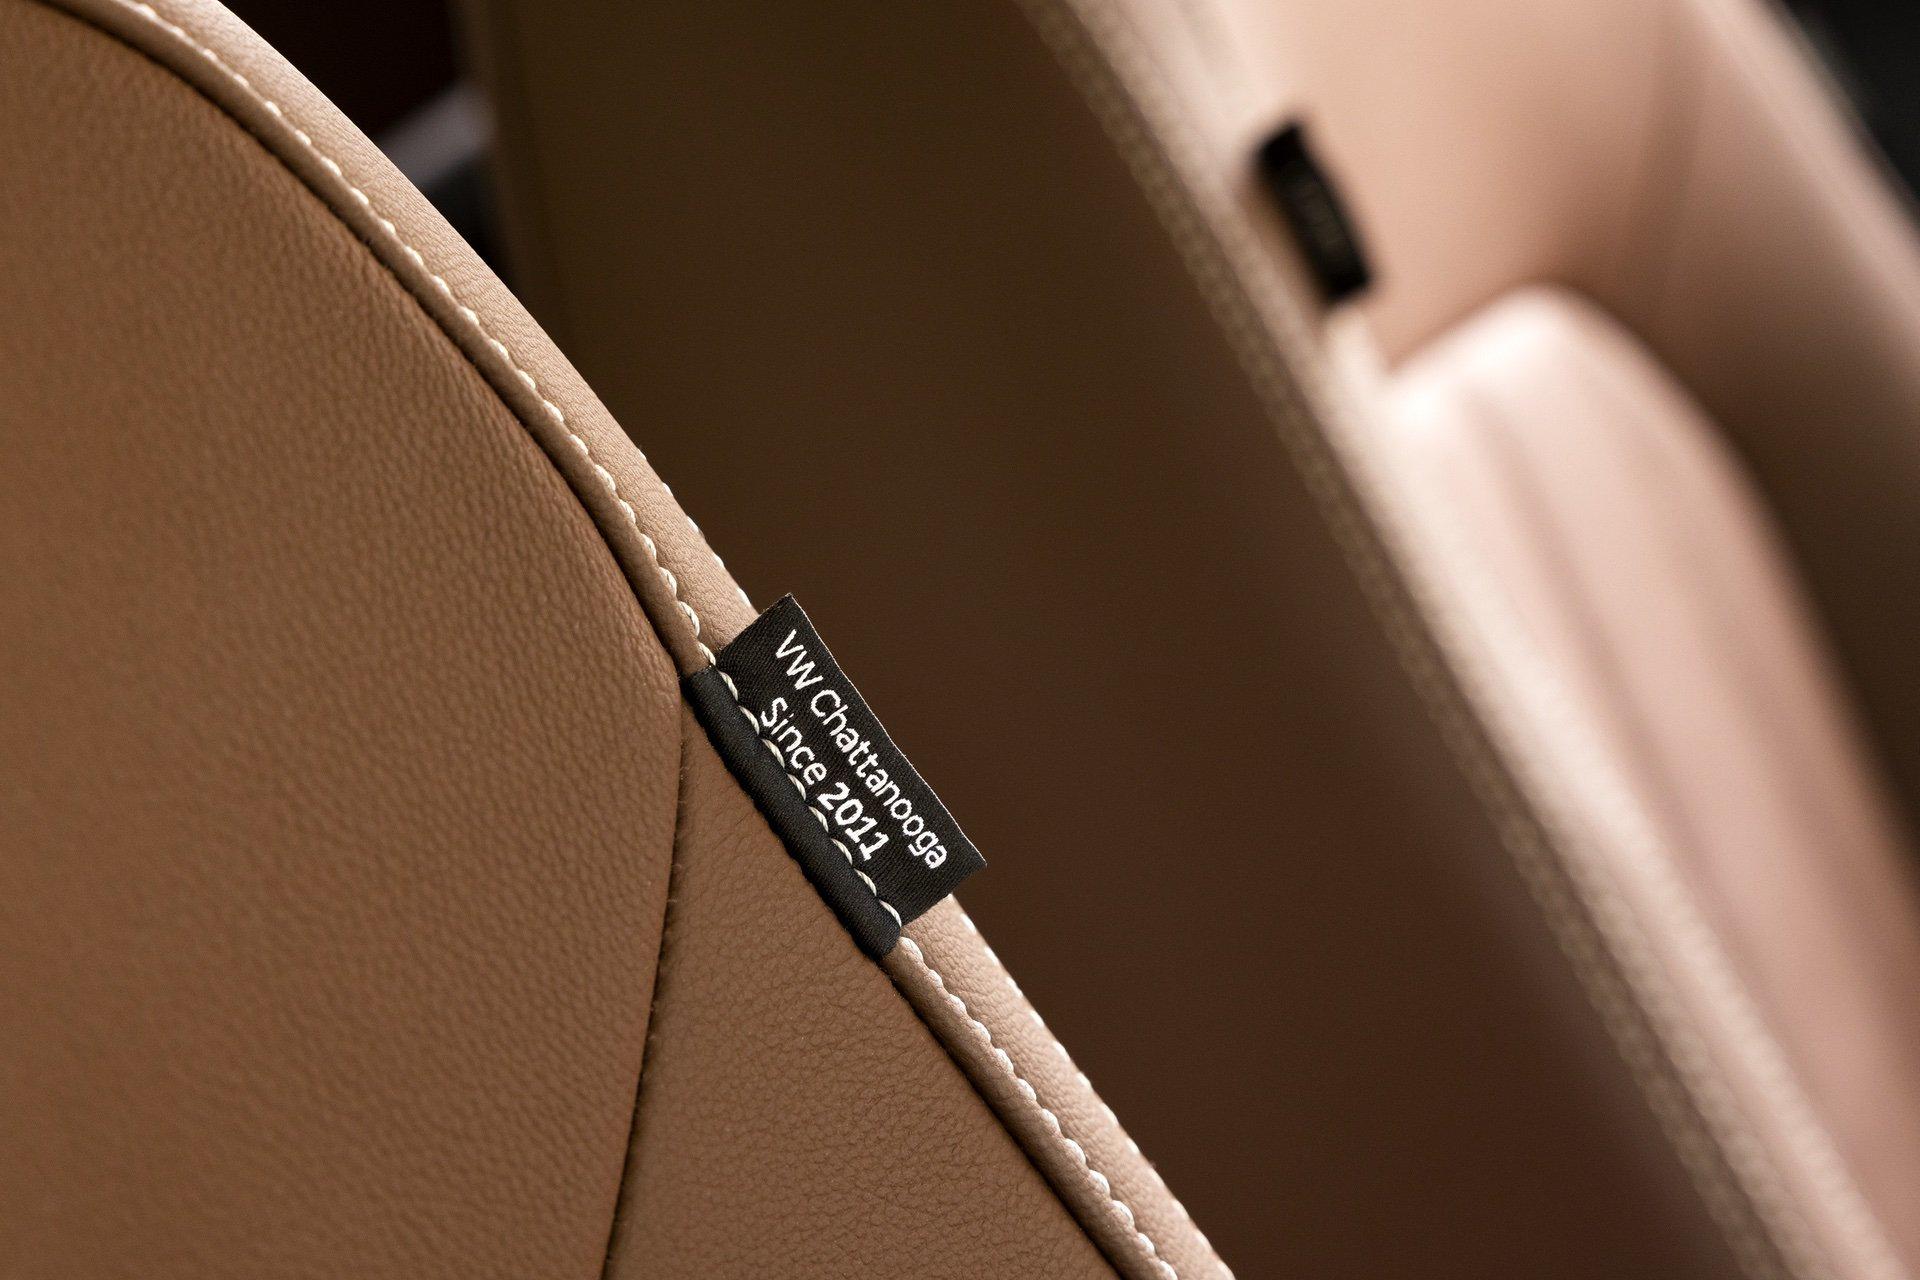 VW_Passat_Limited_Edition_US_spec-0017